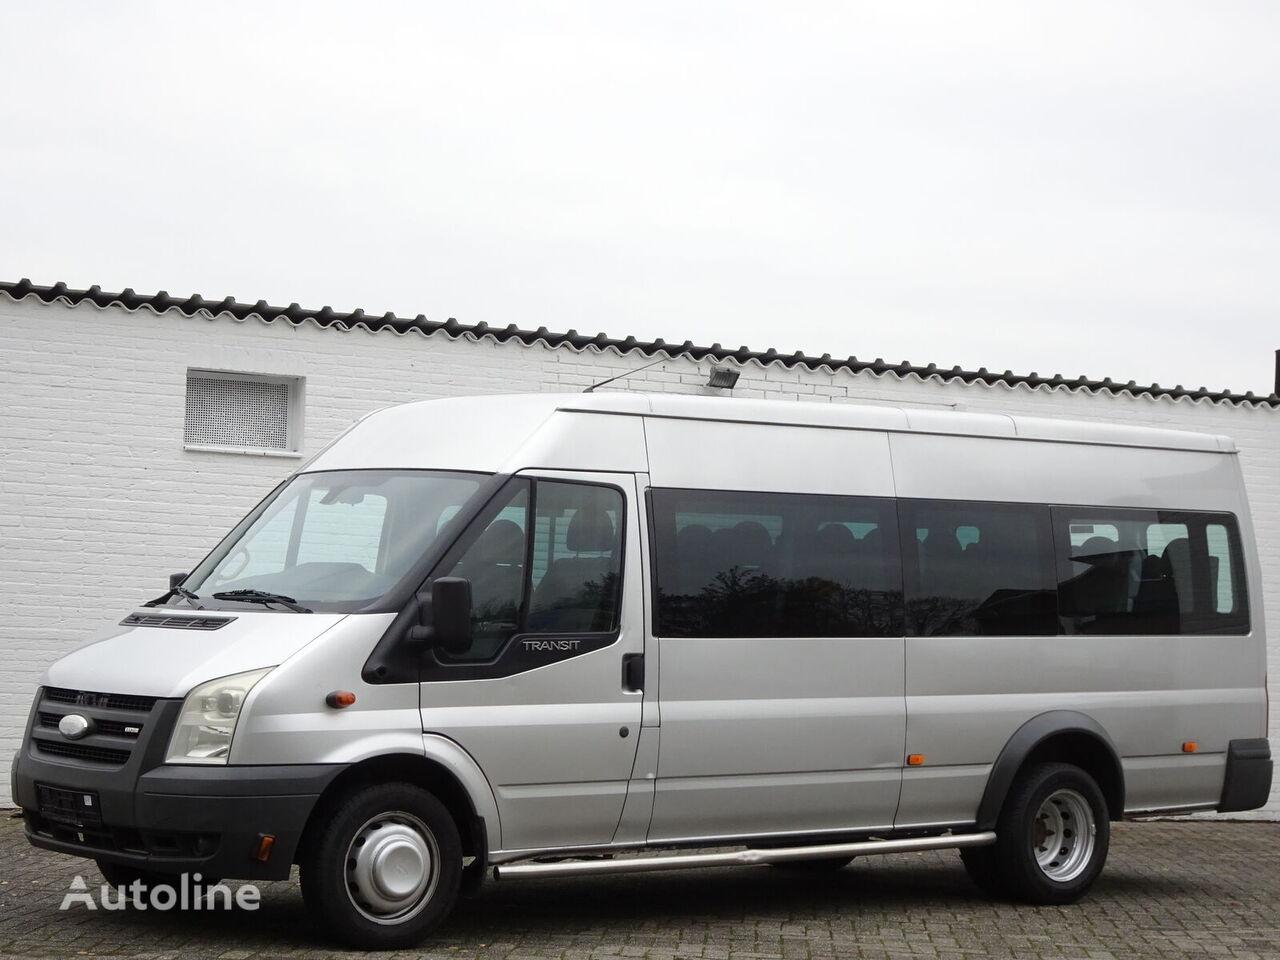 школьный автобус FORD Transit2.4 Tdci Maxi 17 Sitze Klima Ahk Euro 4